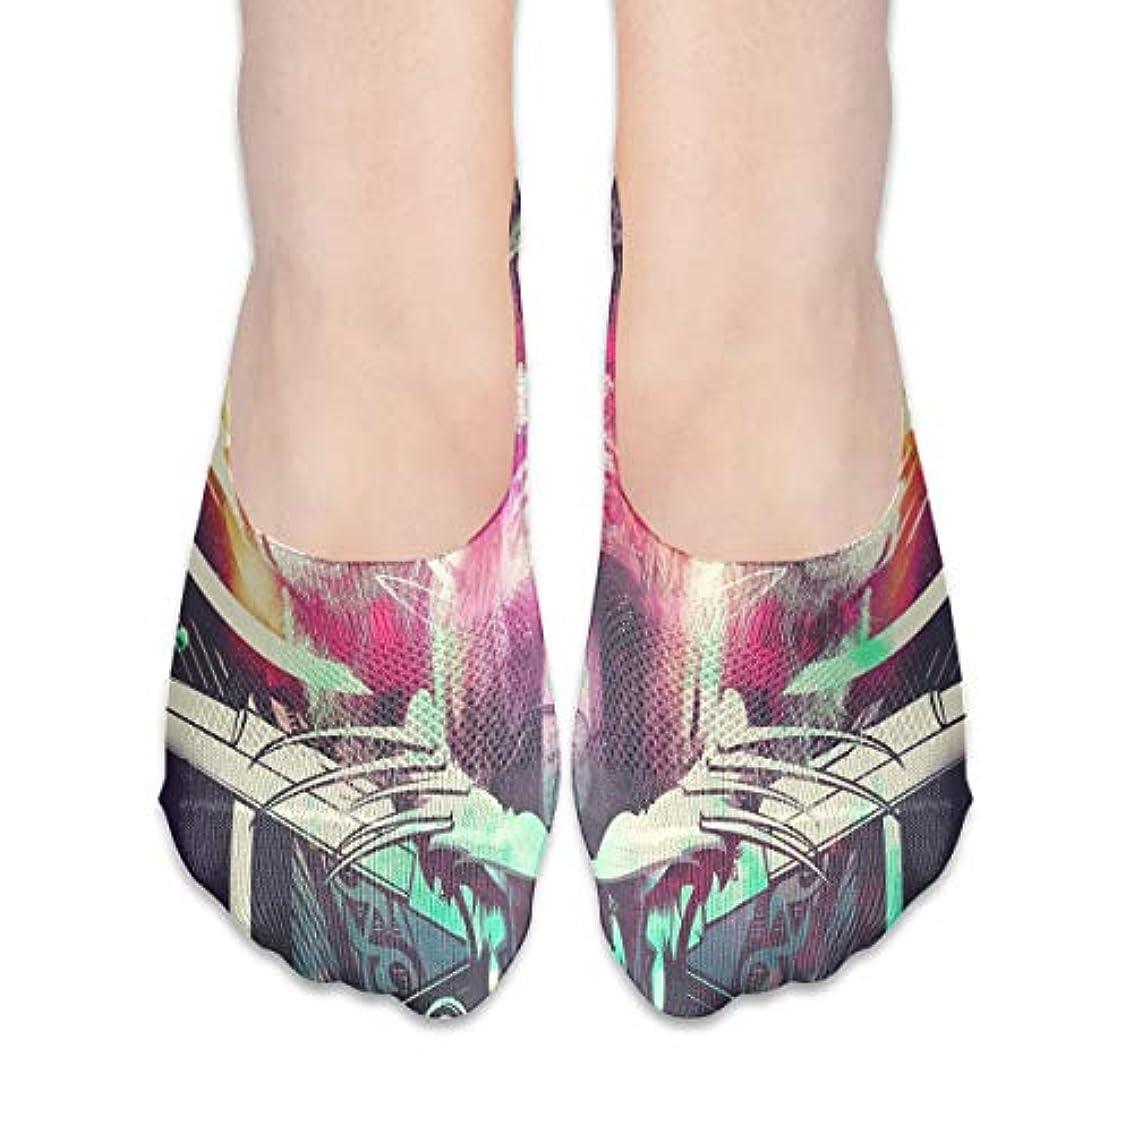 ノート台風他の場所女性の豪華な抽象スカルローカットコットンボート隠し目に見えない靴下